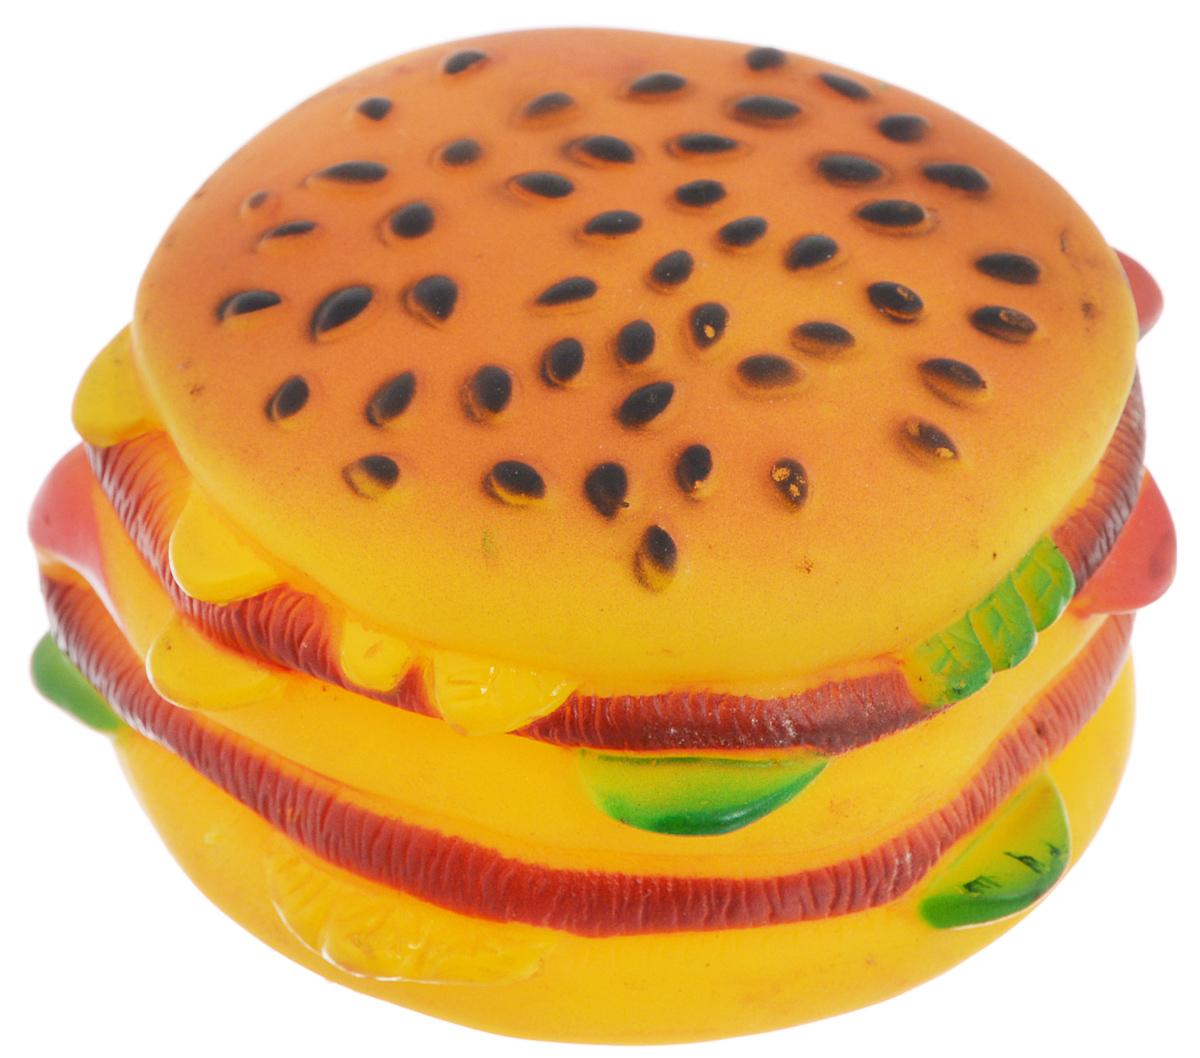 Игрушка для животных Каскад Гамбургер,диаметр 7,5 см0120710Игрушка Каскад Гамбургер изготовлена из прочной и долговечной резины, устойчивой к разгрызанию. Необычная и забавная игрушка прекрасно подойдет для собак, любящих игрушки с пищалками. Такая игрушка порадует вашего любимца, а вам доставит массу приятных эмоций, ведь наблюдать за игрой всегда интересно и приятно. Диаметр: 7,5 см.